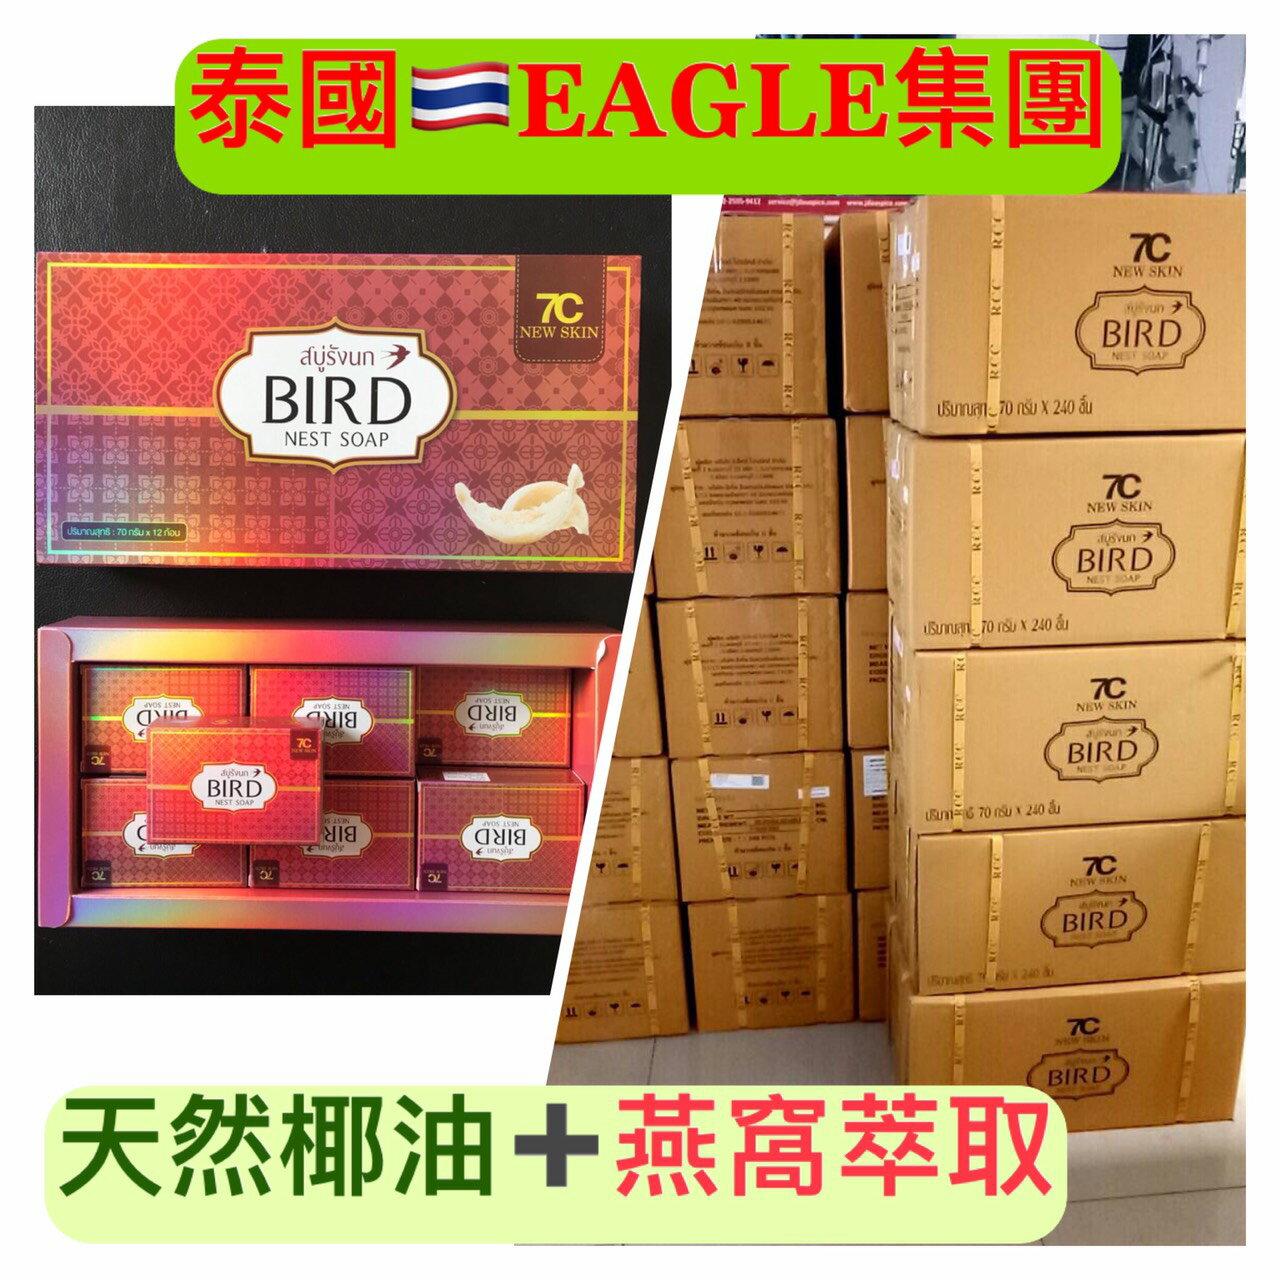 泰國天然椰油燕窩皂︱台灣獨賣新品︱GMP工廠生產 品質保證︱盒裝 ︱1盒12入 4